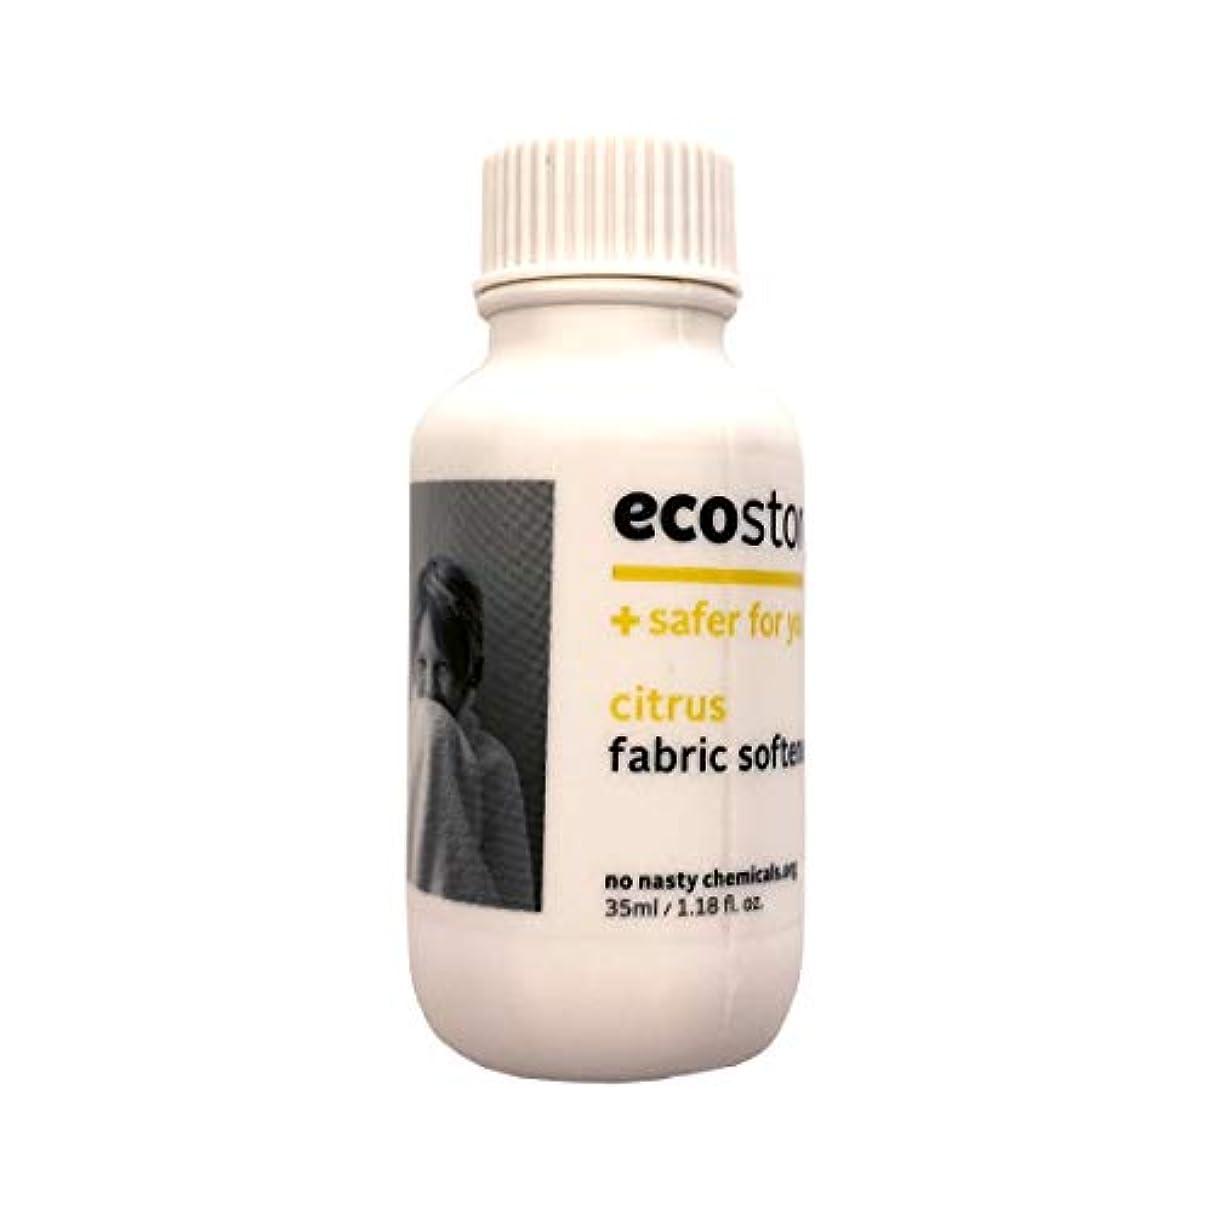 ガイドライン傾いたどこにでもecostore(エコストア) ファブリックソフナー  シトラス 35ml 柔軟仕上げ剤 実質無料サンプルストア対象